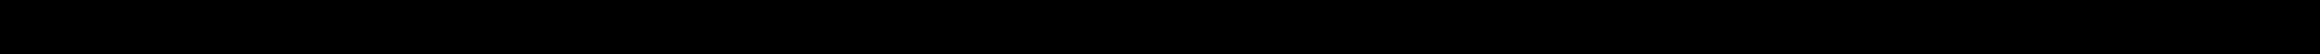 NGK LL7, LPG7, LPG Laser Line 7 Uždegimo žvakė